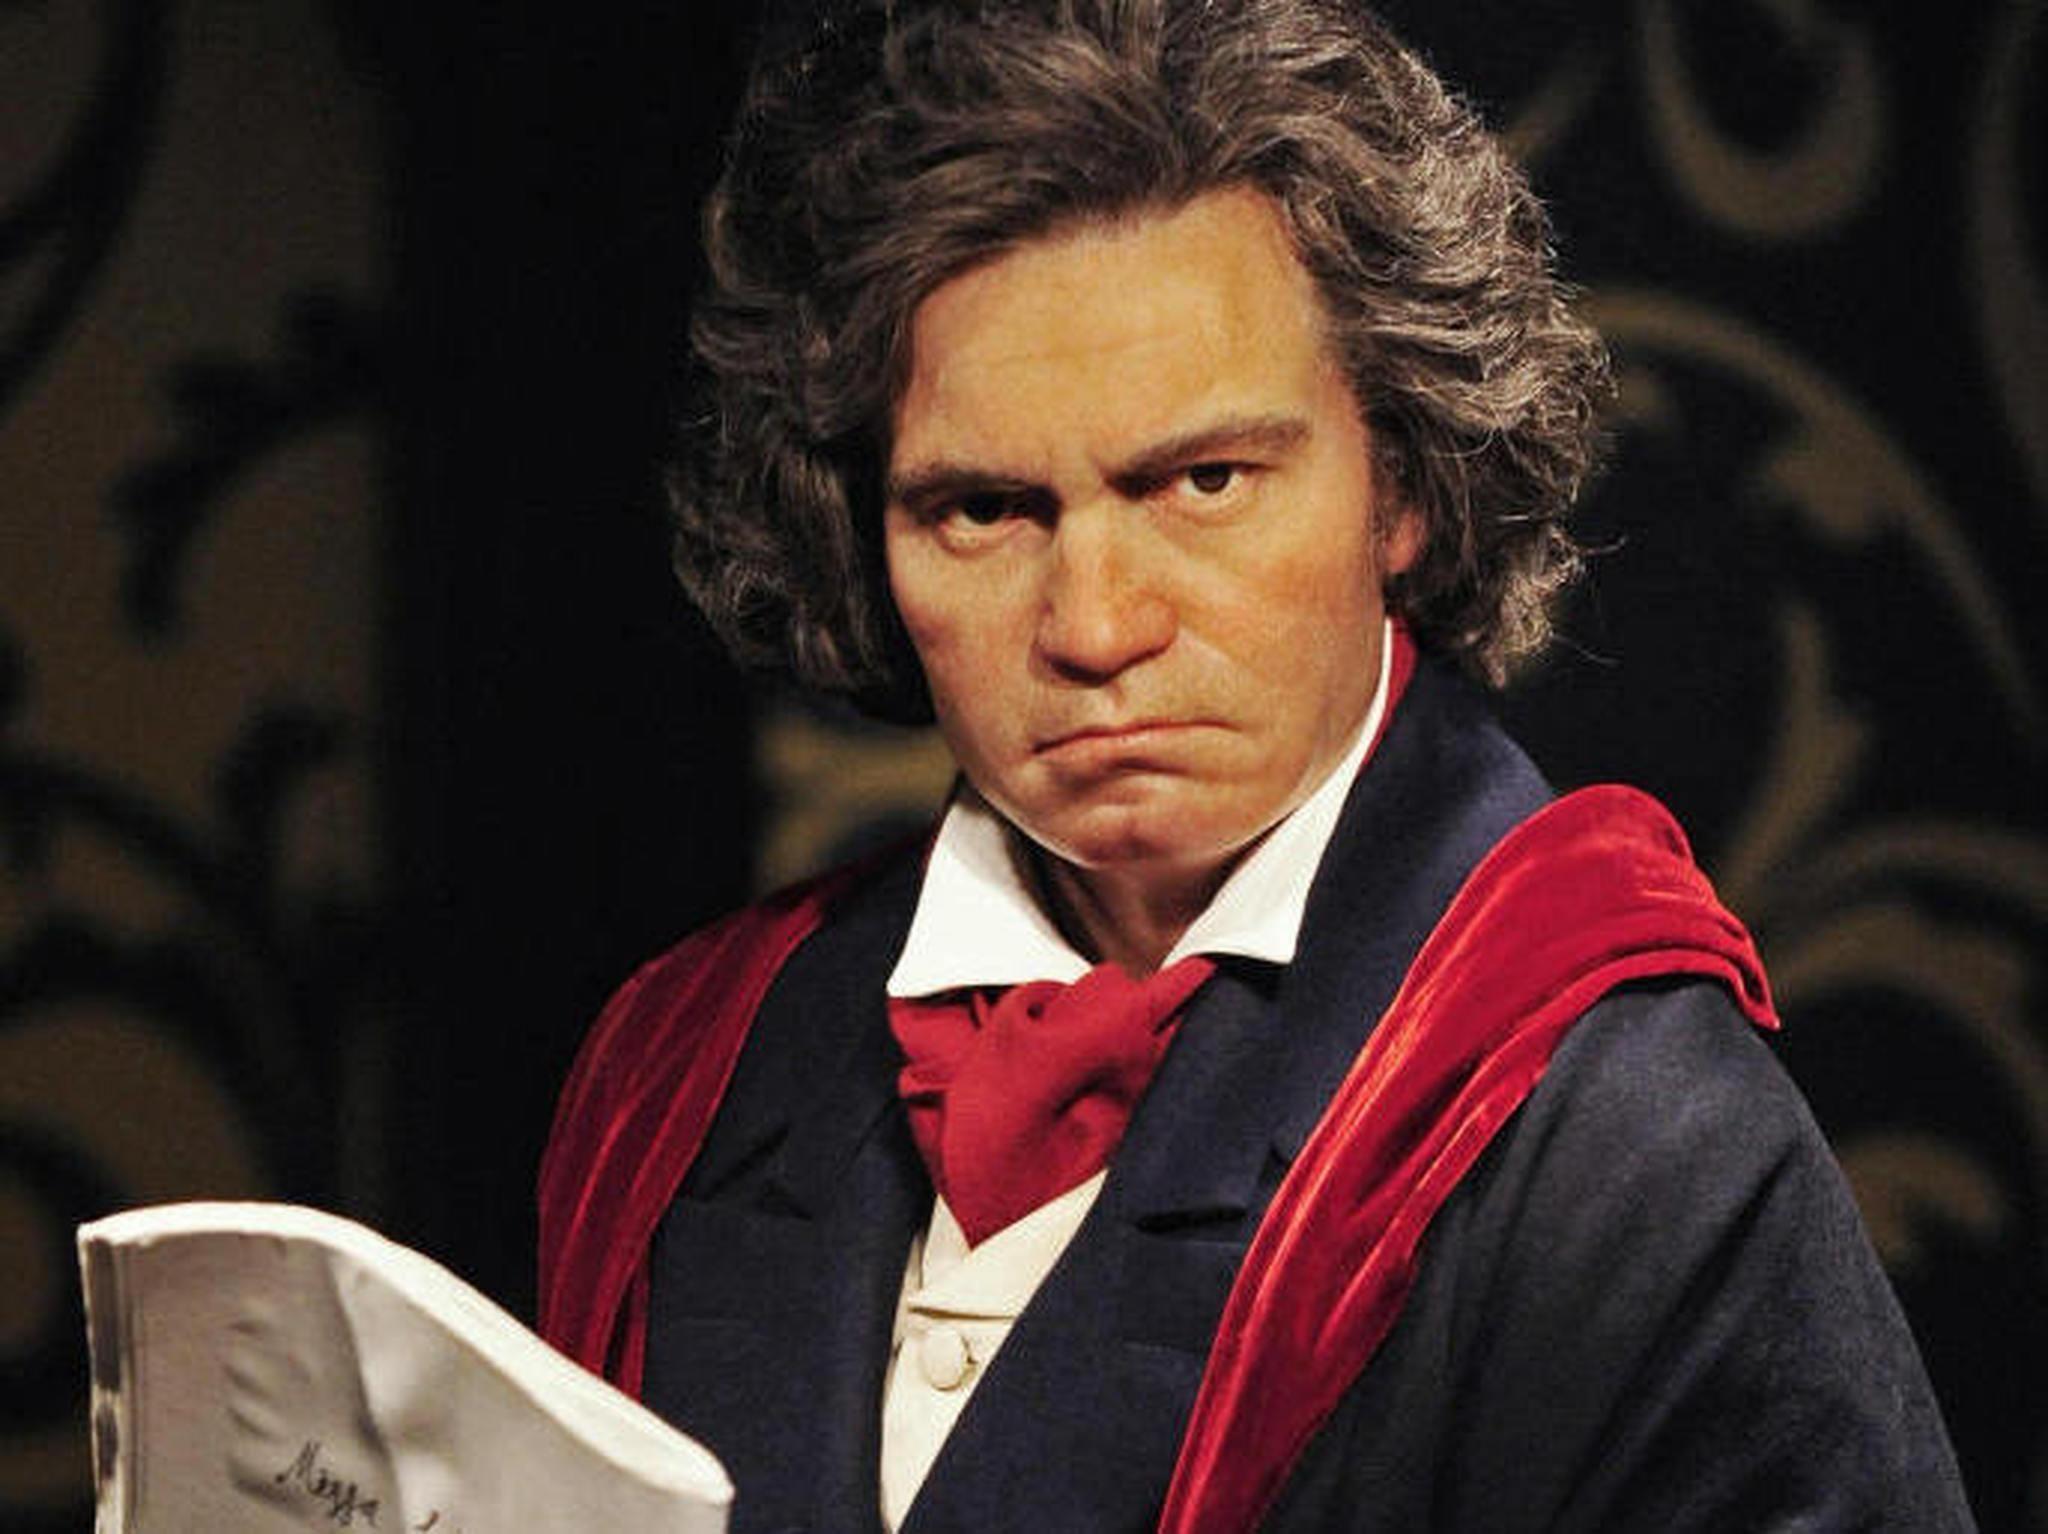 ¿Con cuántos años murió Beethoven?